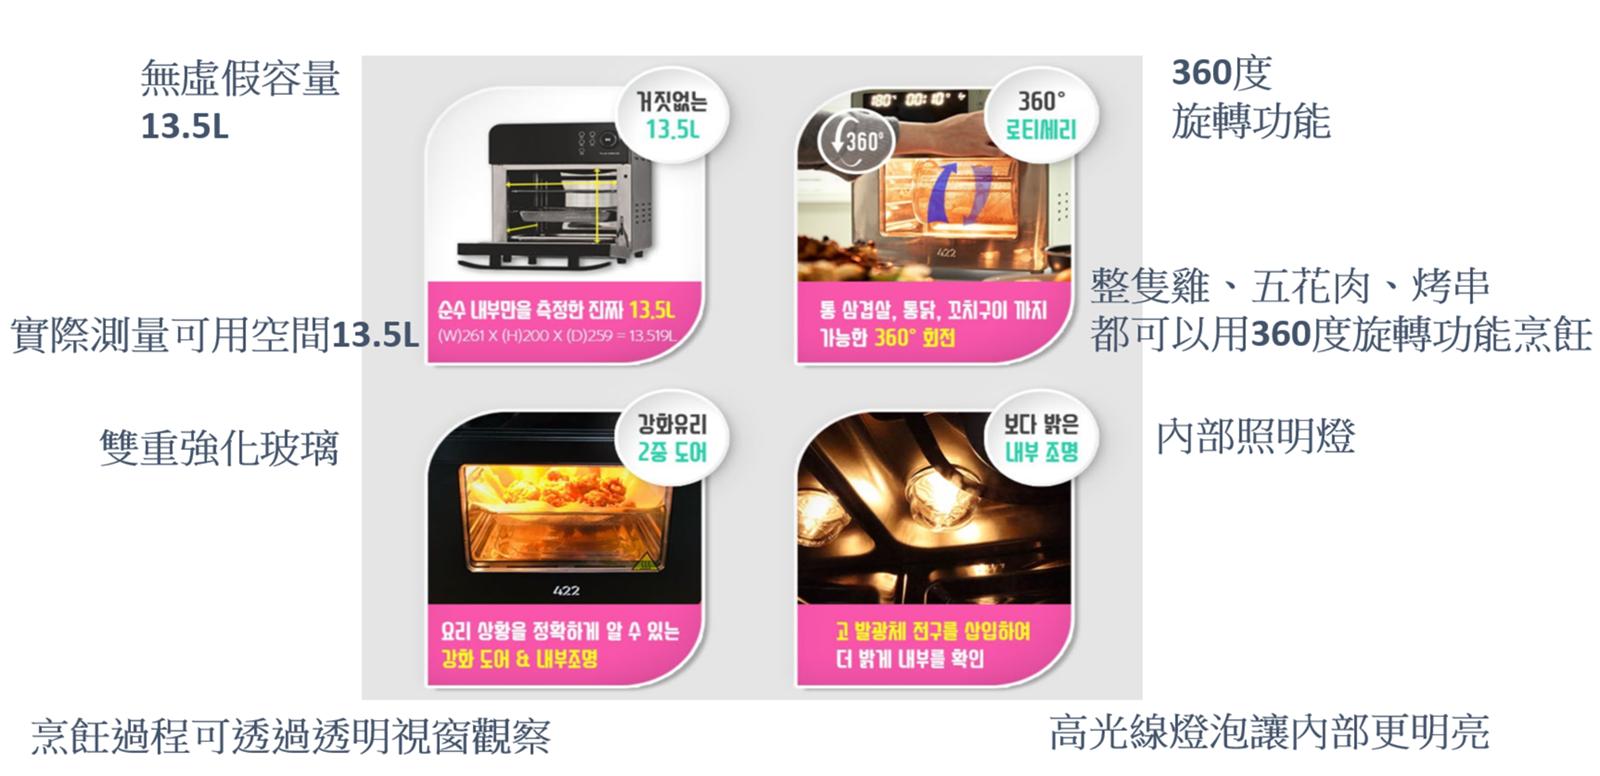 韓國422inc Korea 最美氣炸烤箱新機上市 X 愛吃鬼芸芸 7/24~7/31